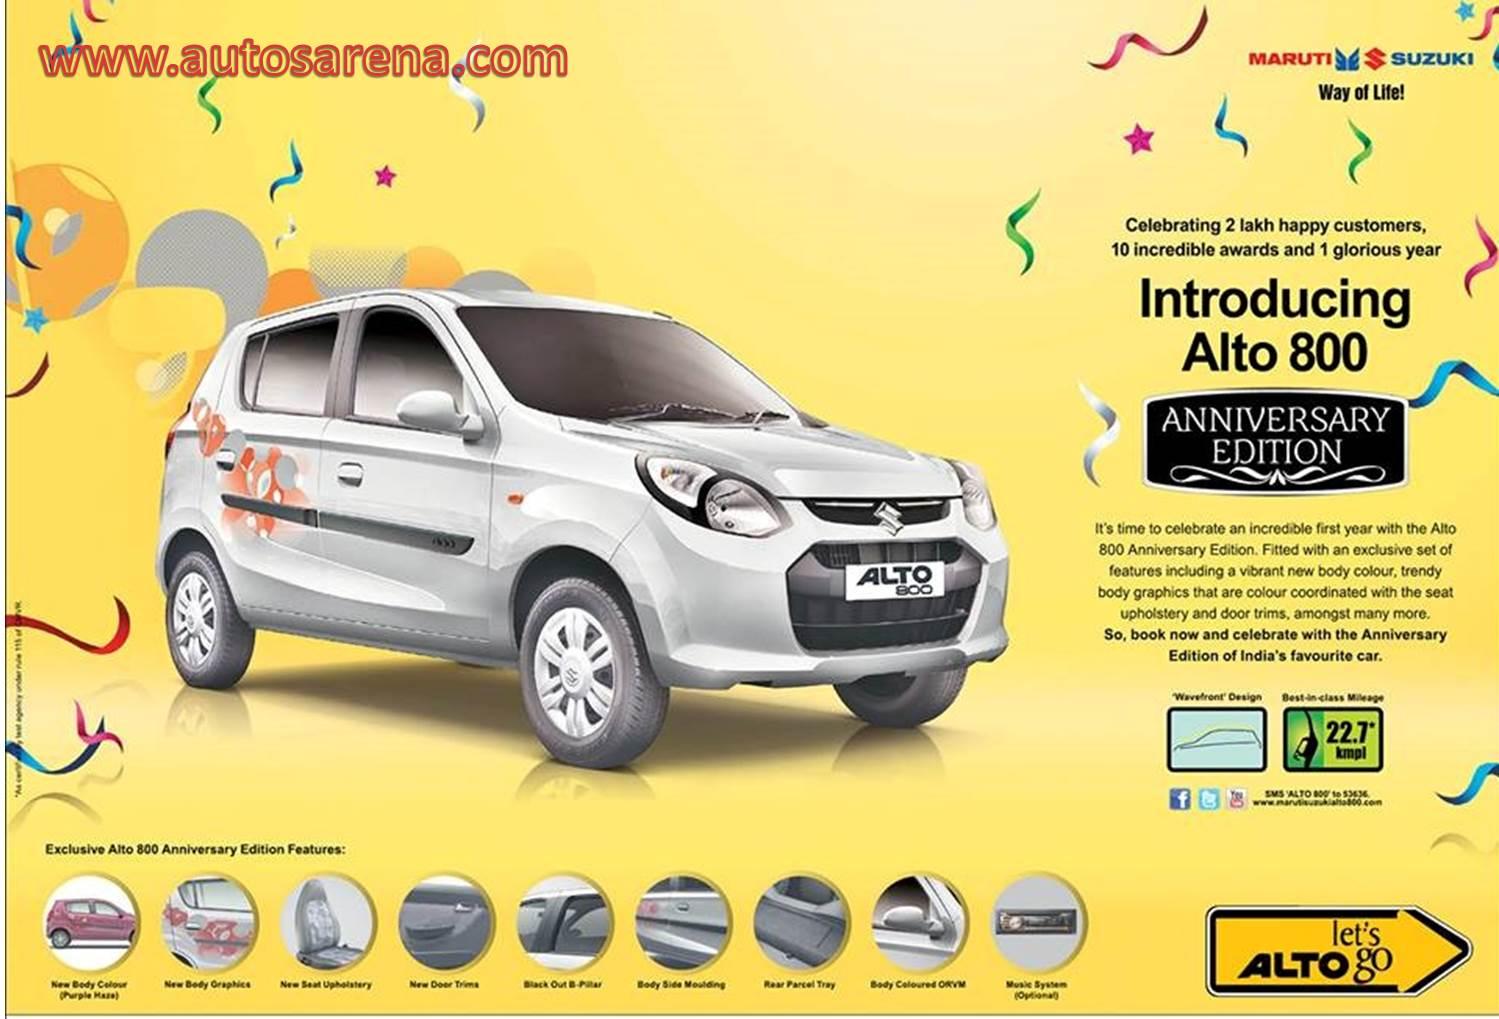 Maruti Suzuki Launches Alto Anniversary Edition - Graphics for alto car